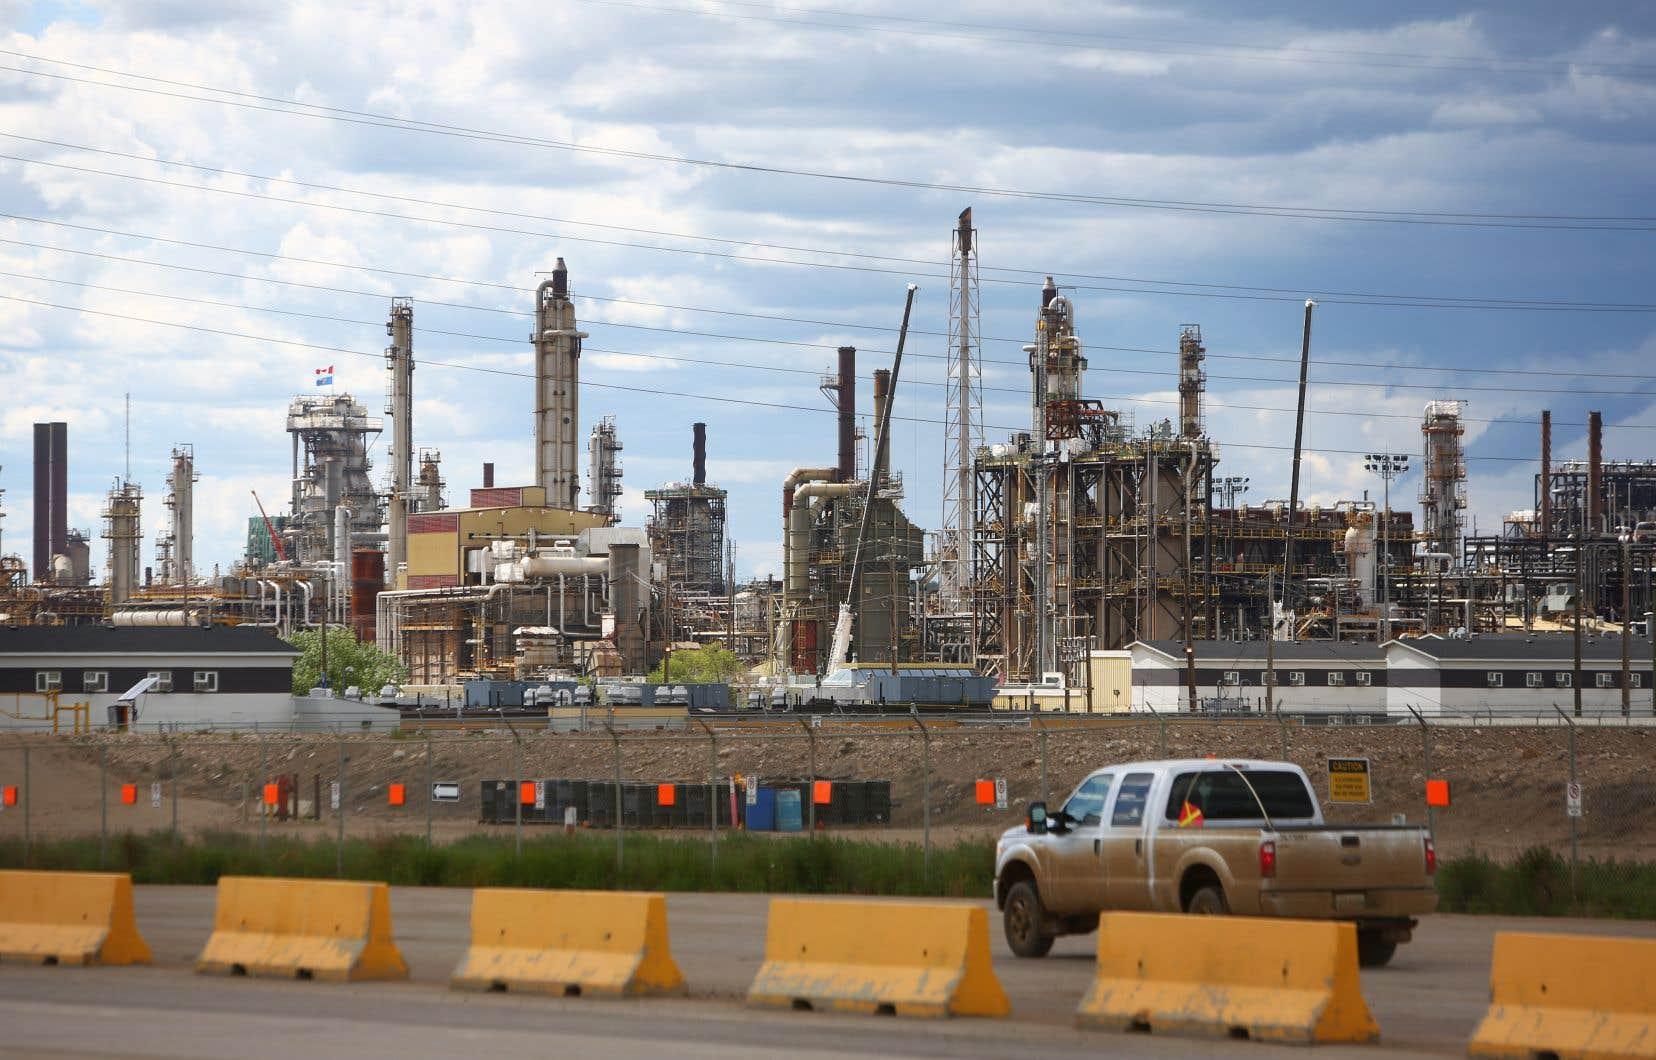 Tant pour le pétrole que pour le gaz naturel, l'exploitationd'énergies fossiles est appelée à croître au Canada.